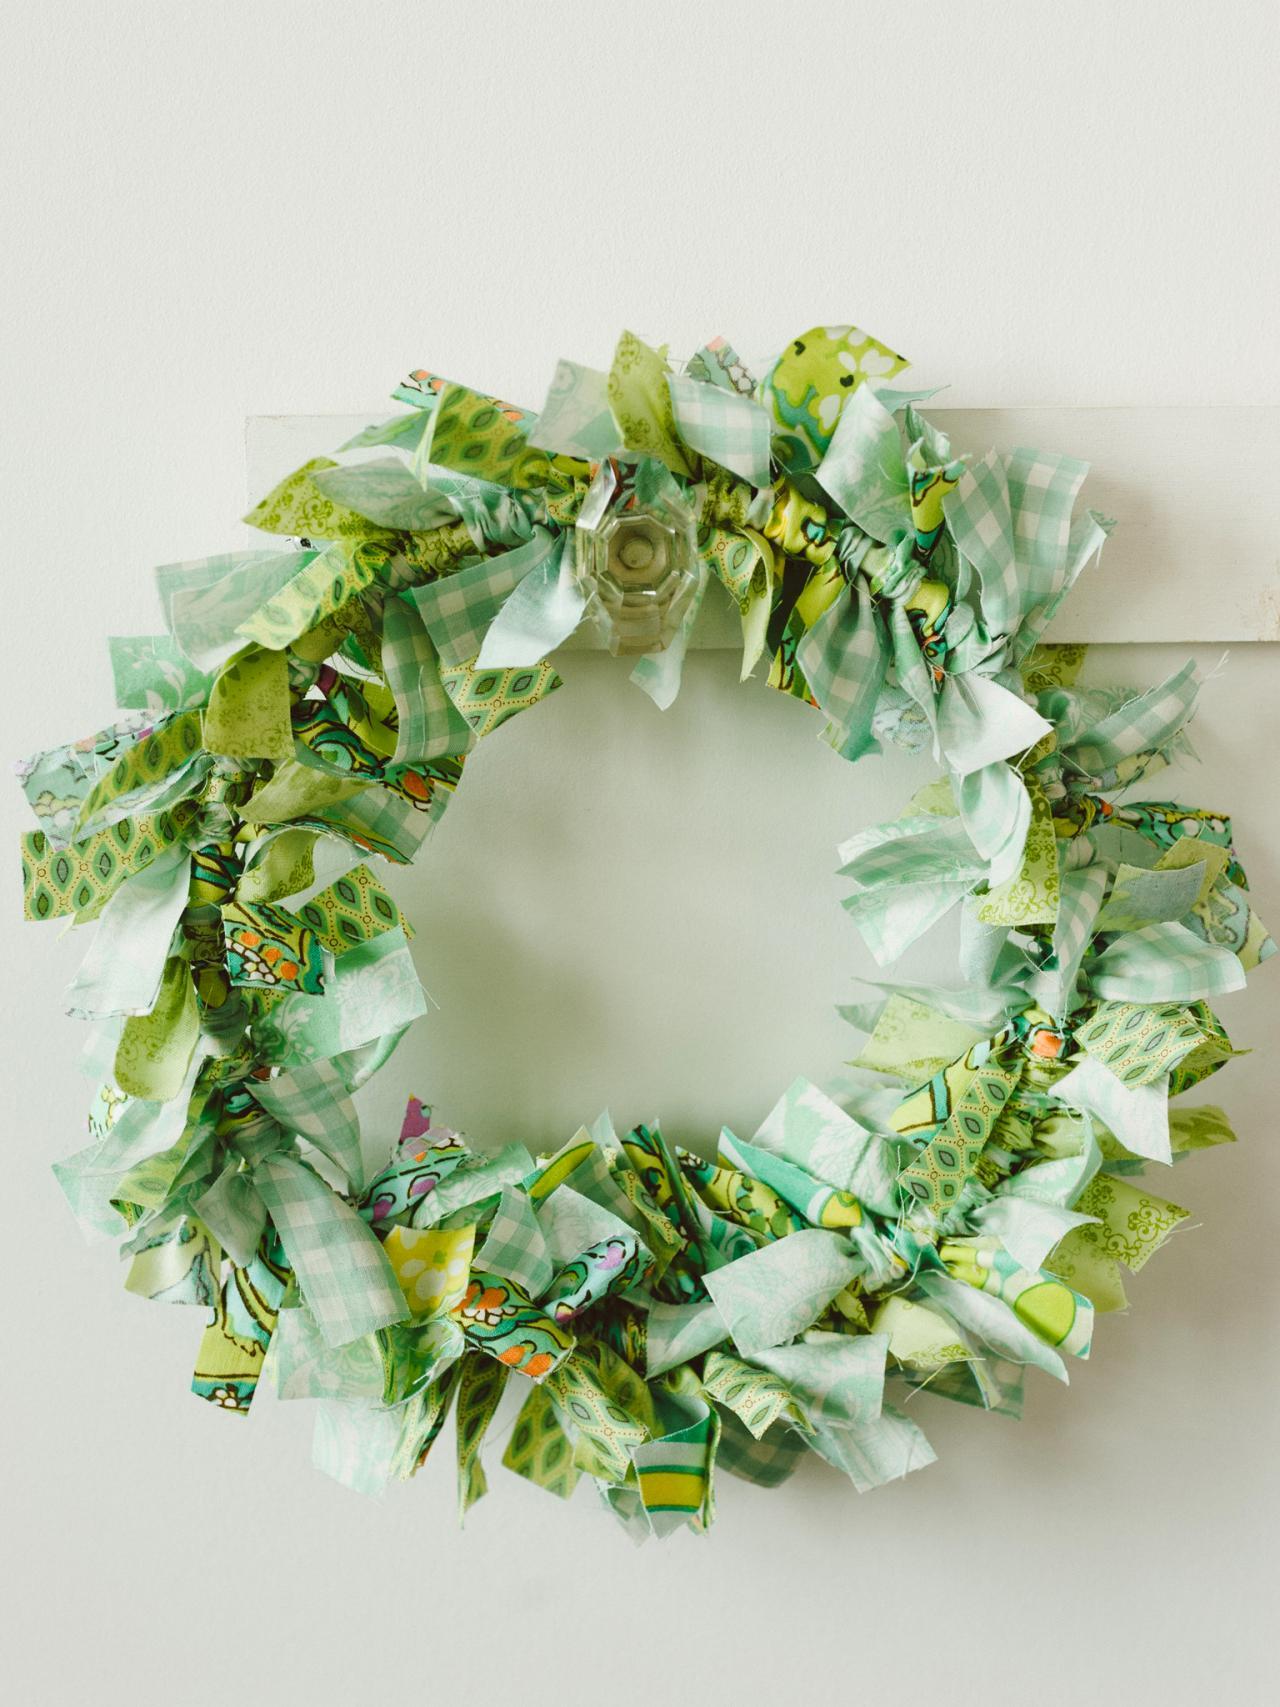 Wreath Crafts For Kids Part - 30: Kidsu0027 Craft: Make An Easy Rag Wreath